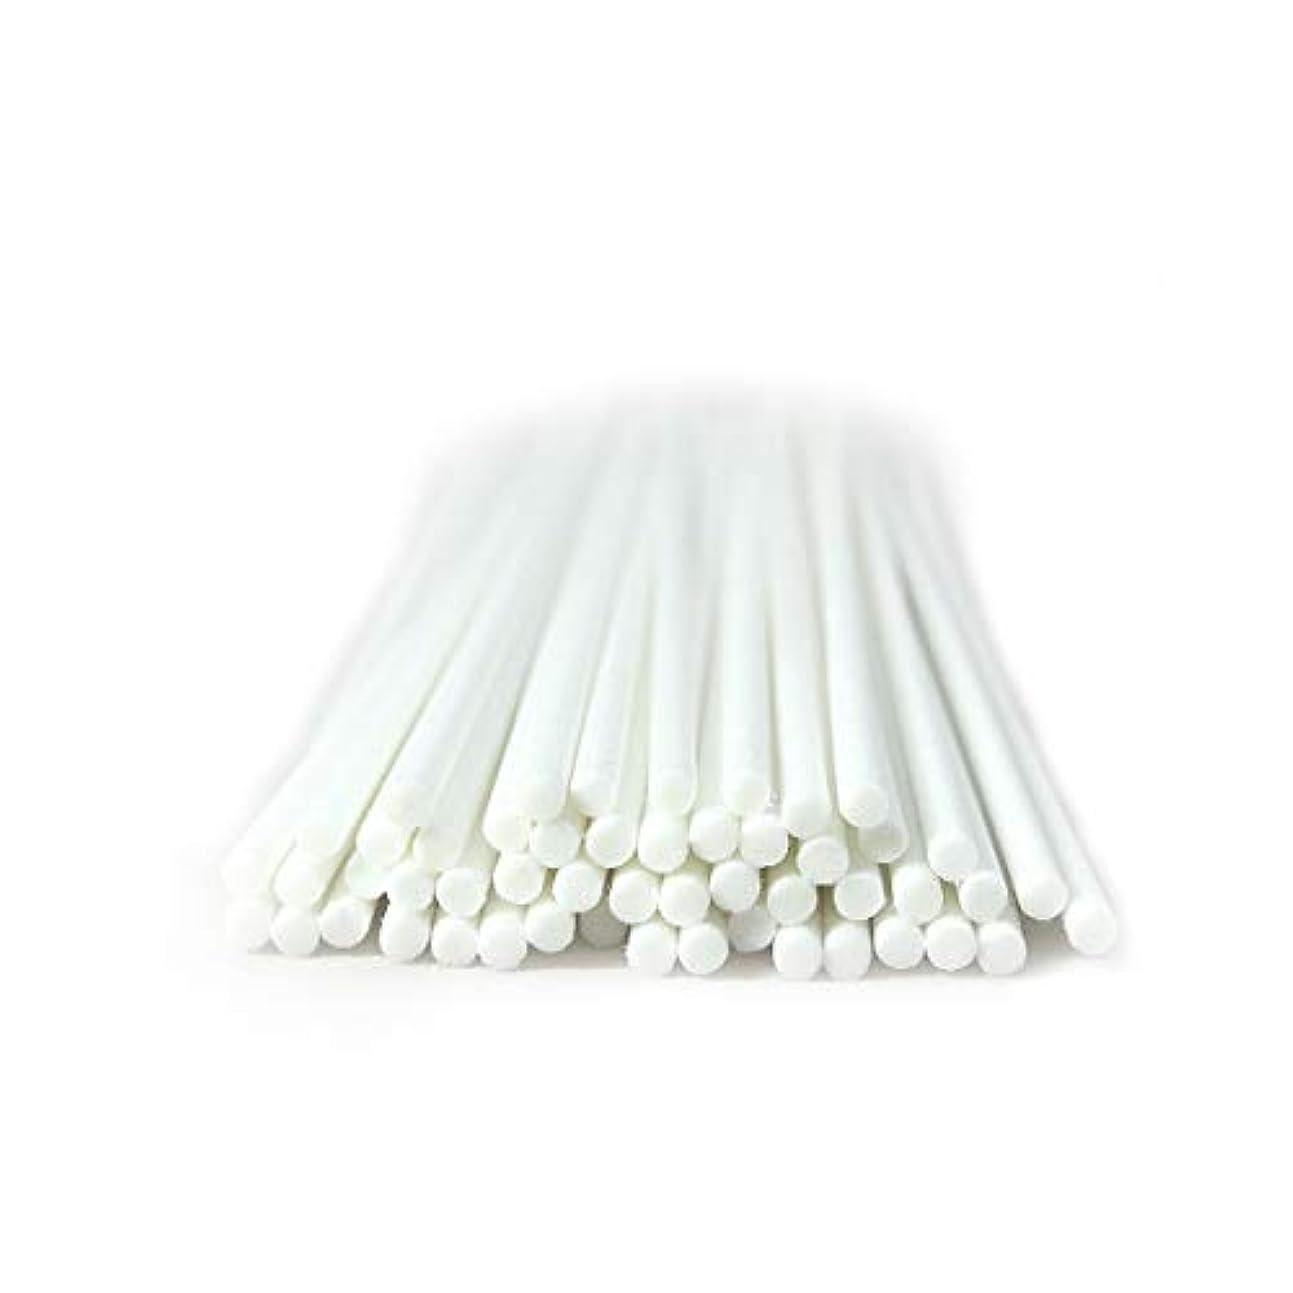 君主制画家飛行機家の芳香のための50本 セット繊維のリードの拡散器の棒 (20cm*3mm, 白)